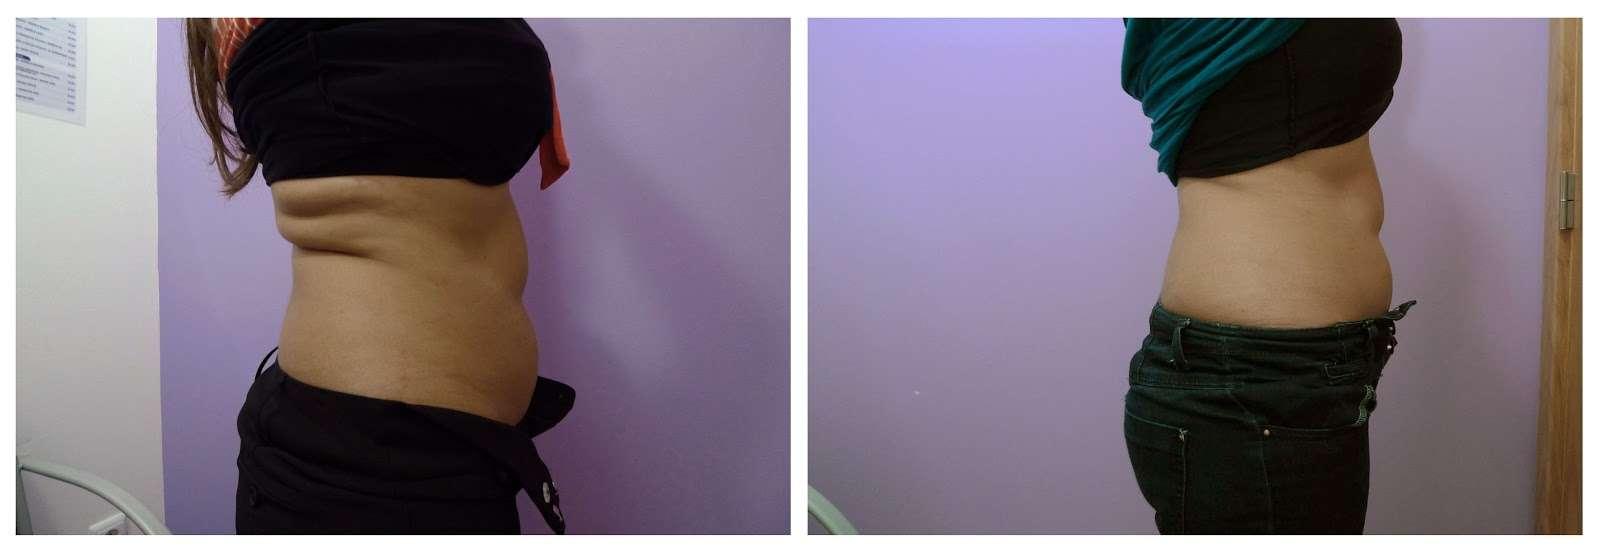 Foto de pressoterapia antes e depois cintura